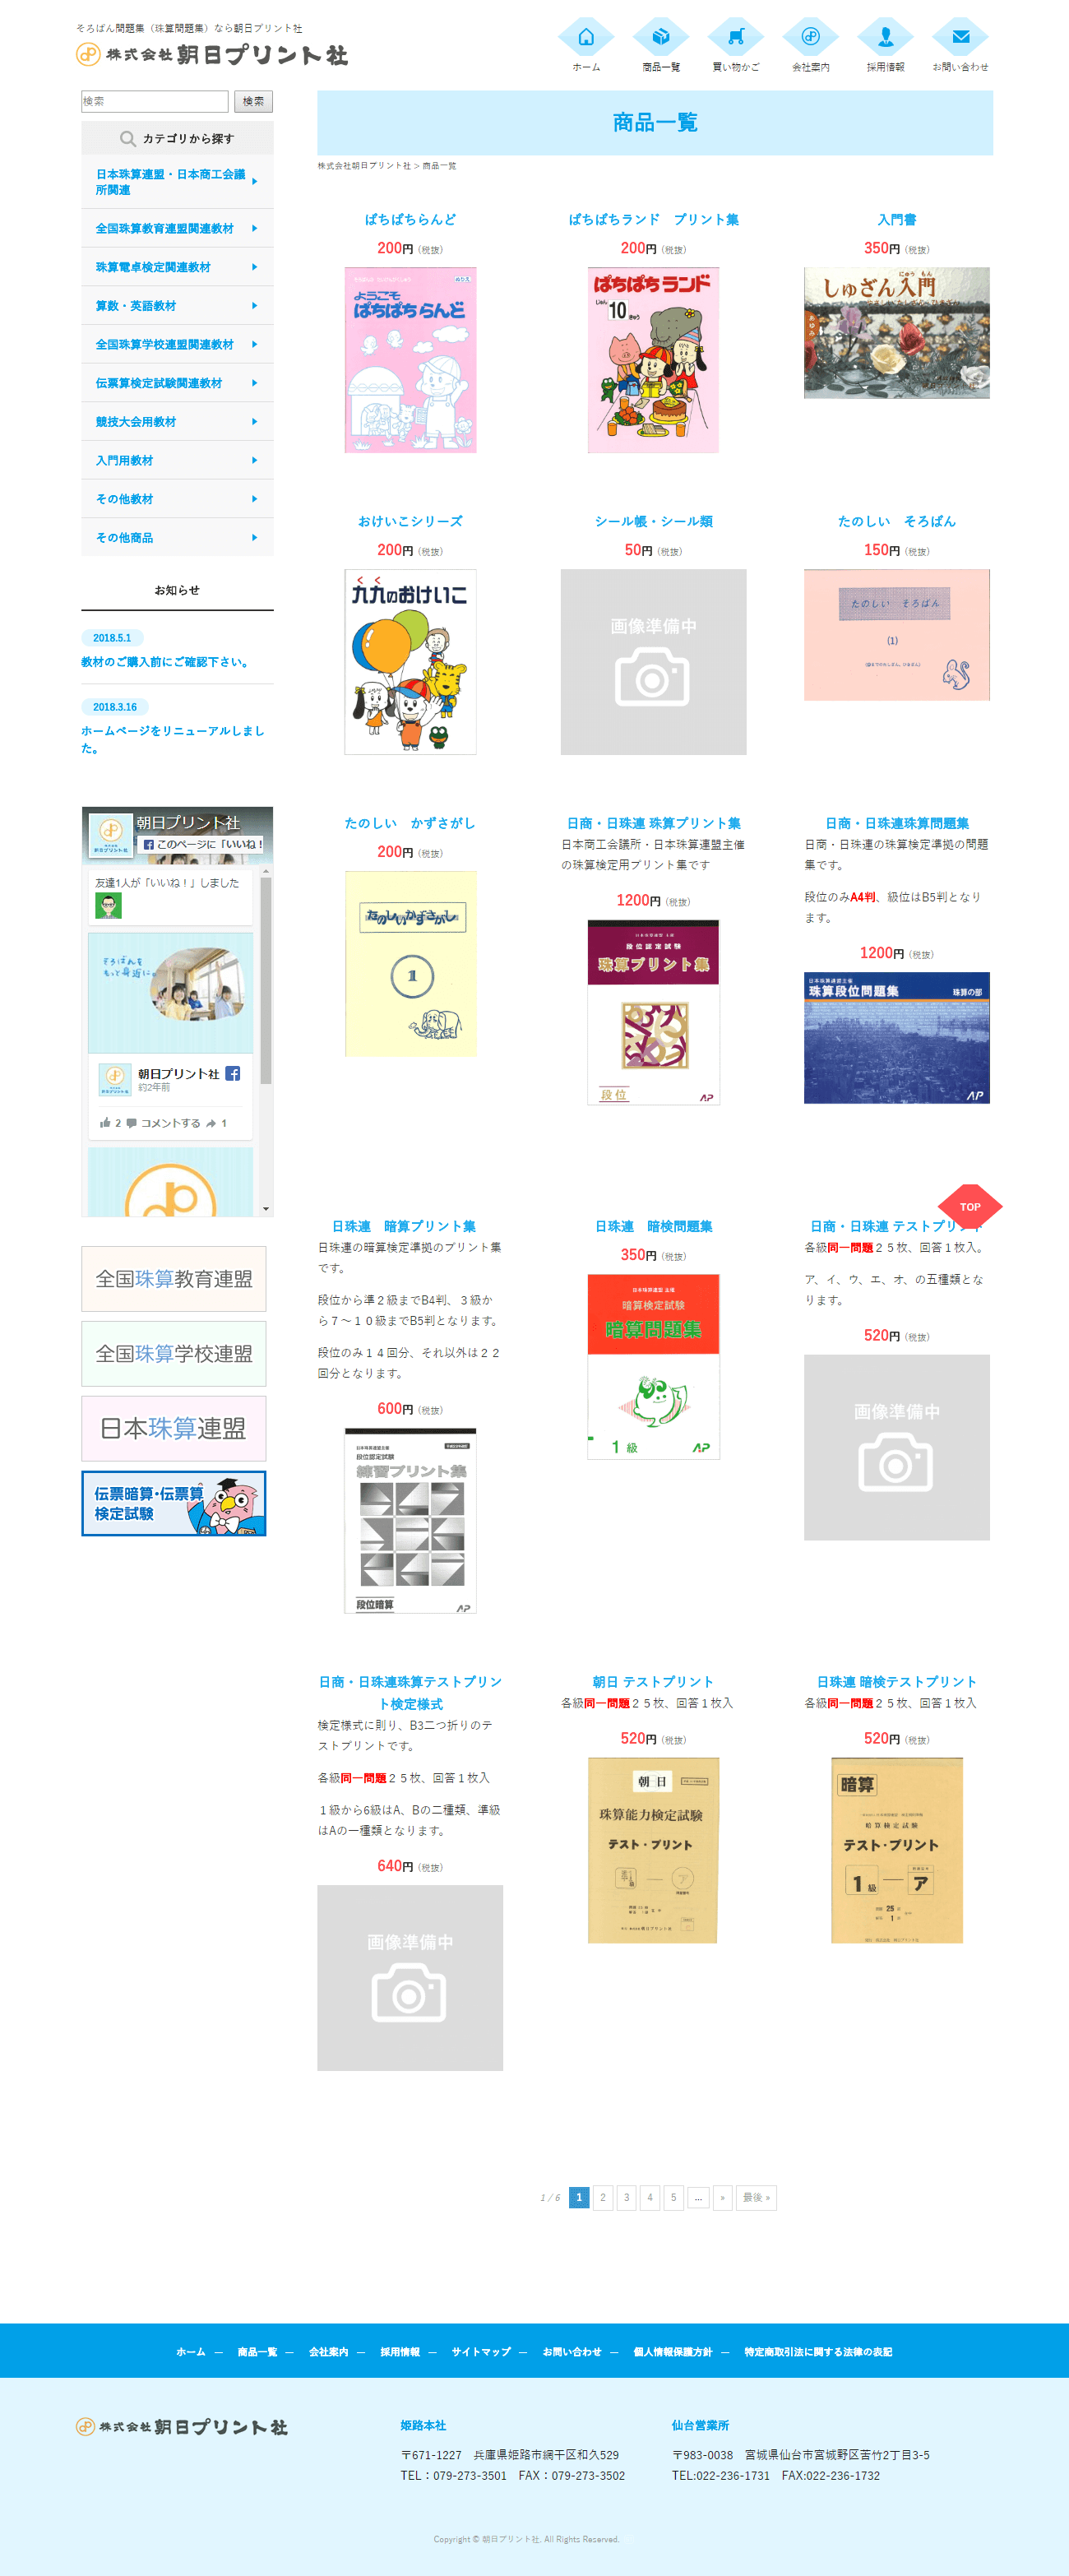 姫路市 朝日プリント社様 ホームページ制作2